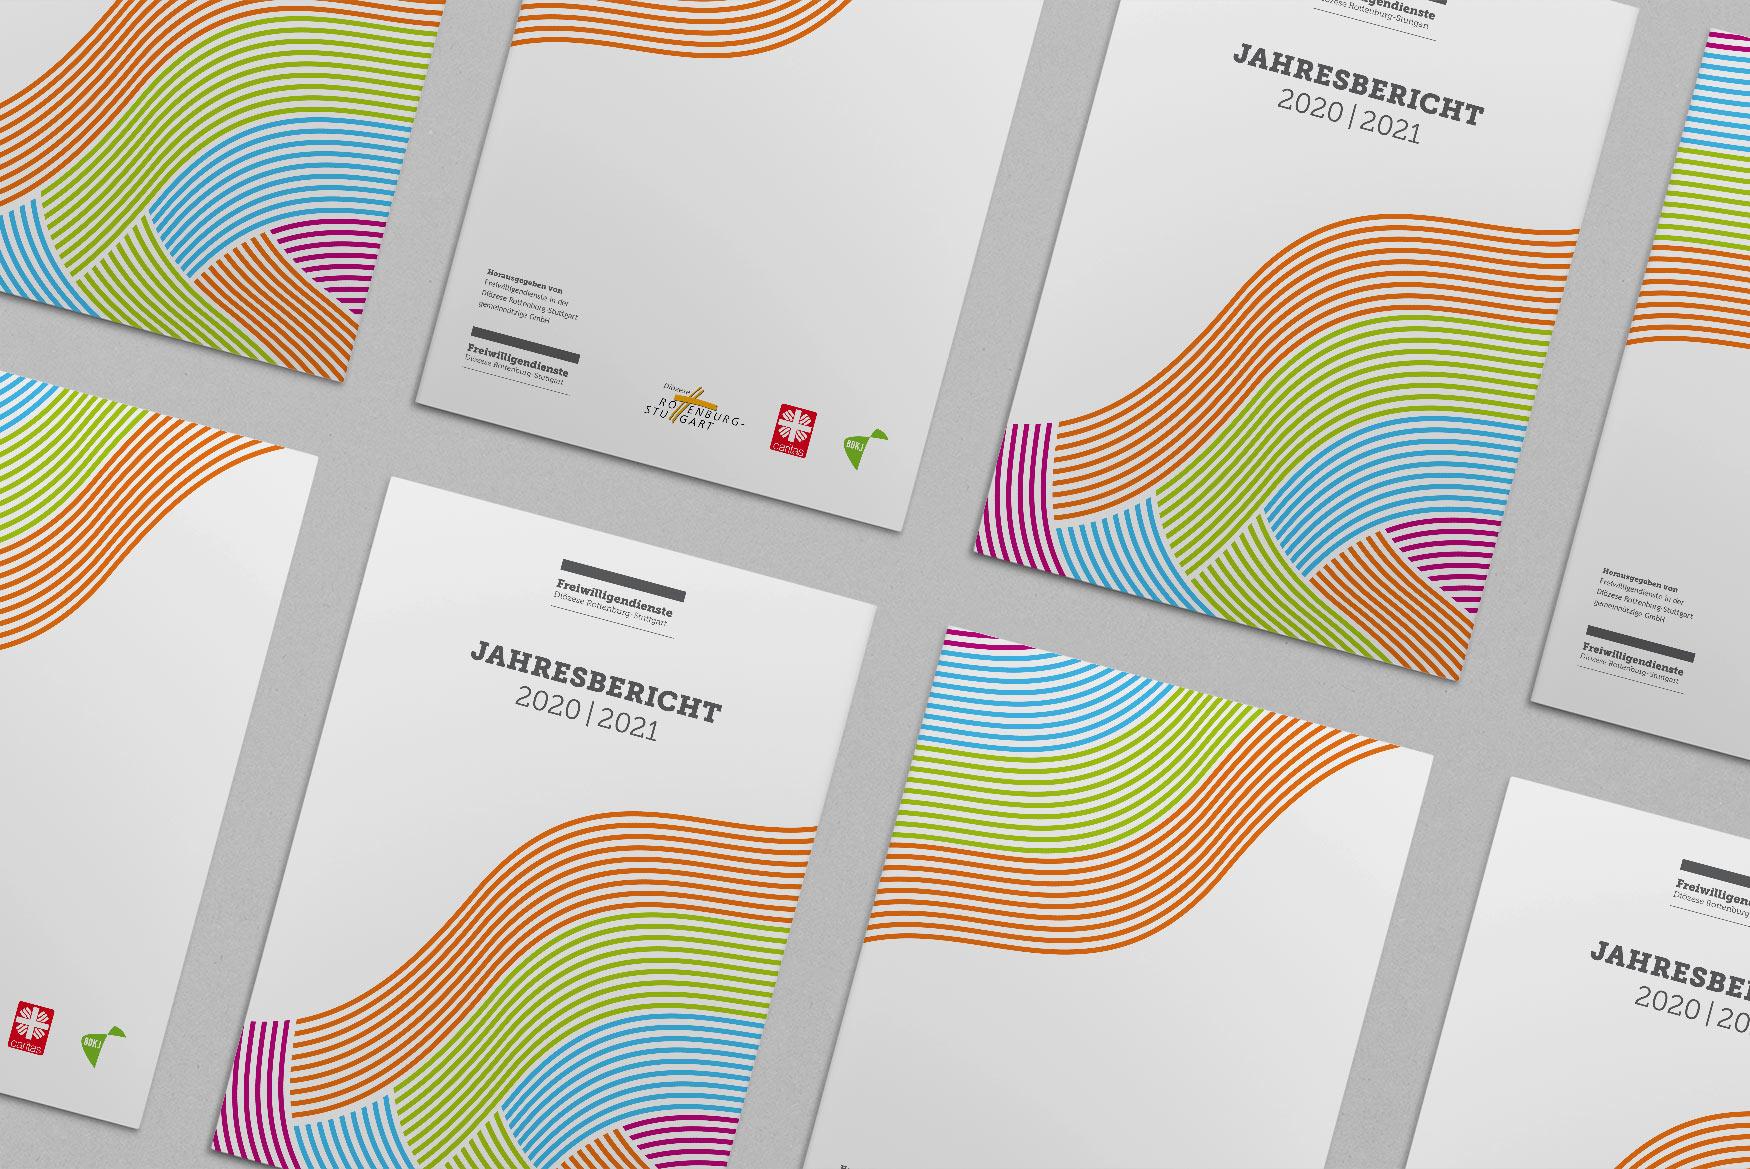 Jahresbericht-FRS-2020-1-Designagentur-Stuttgart-Kreativbetrieb